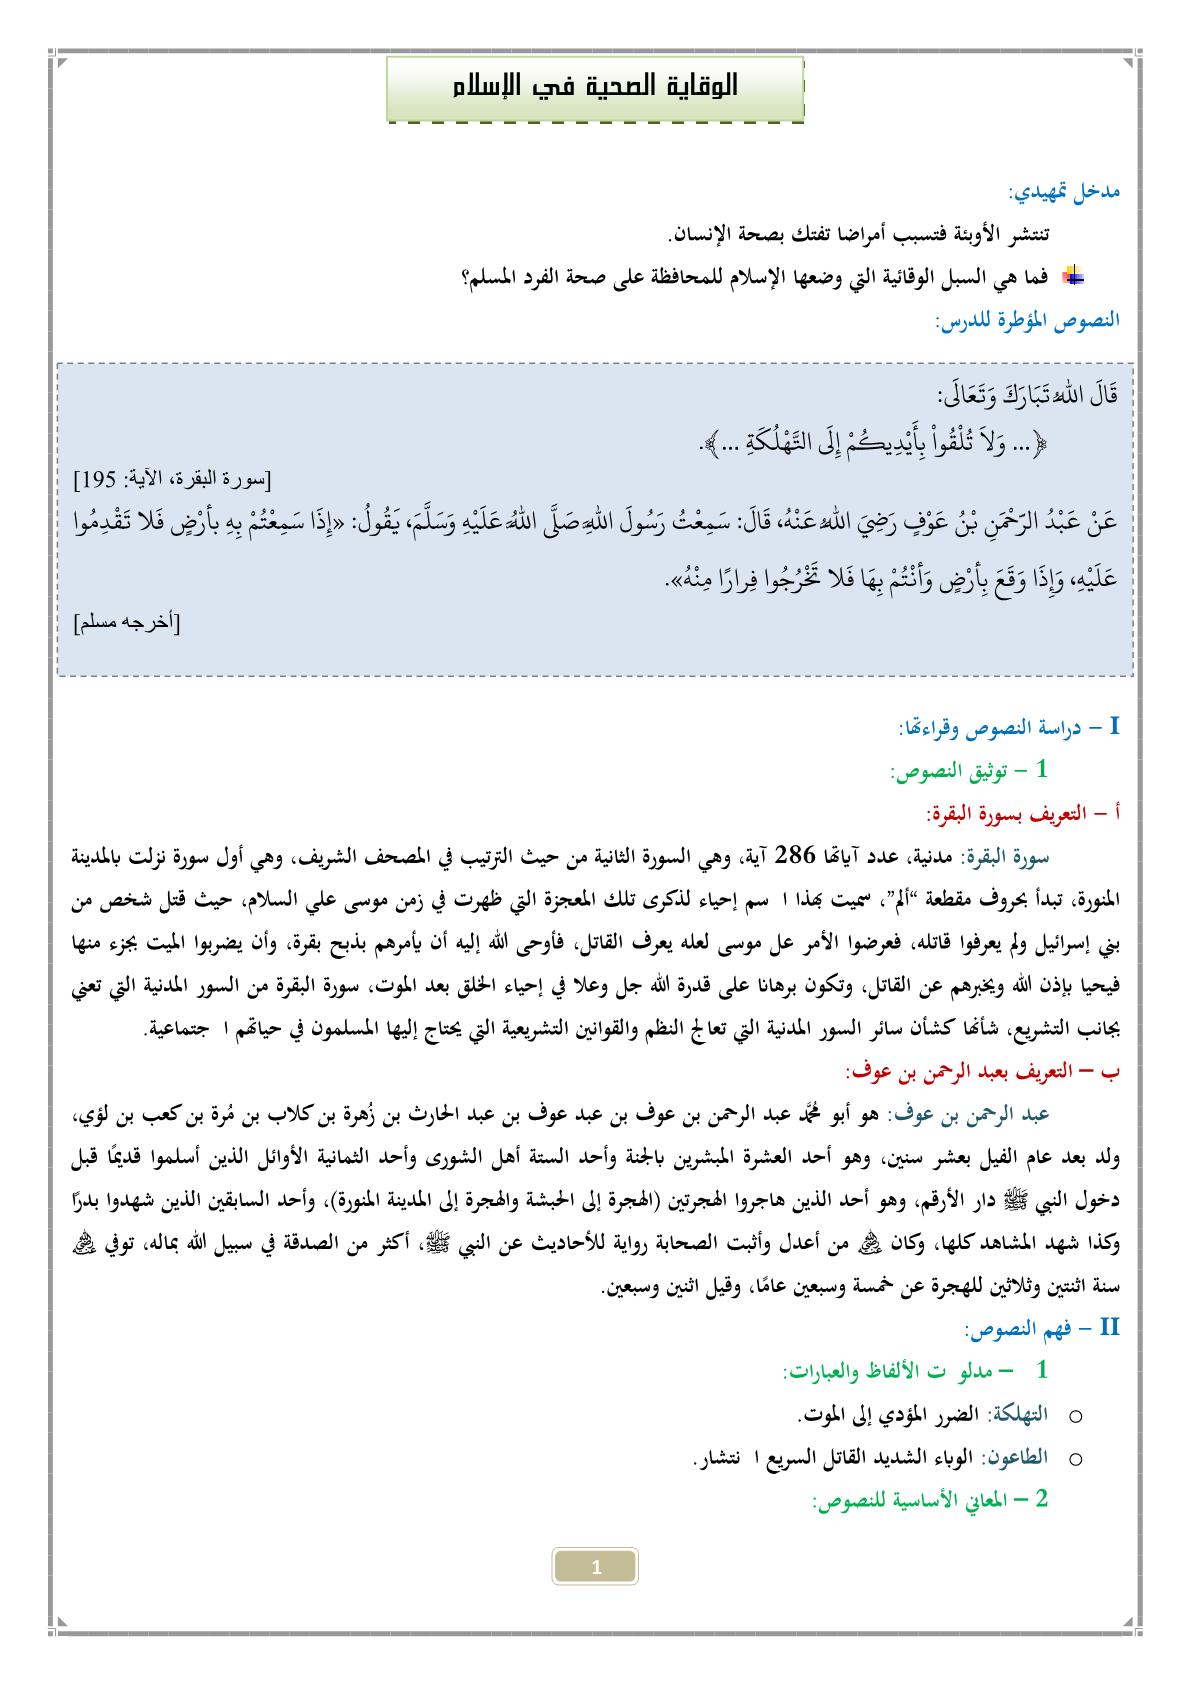 درس الوقاية الصحية في الإسلام للسنة الثانية إعدادي